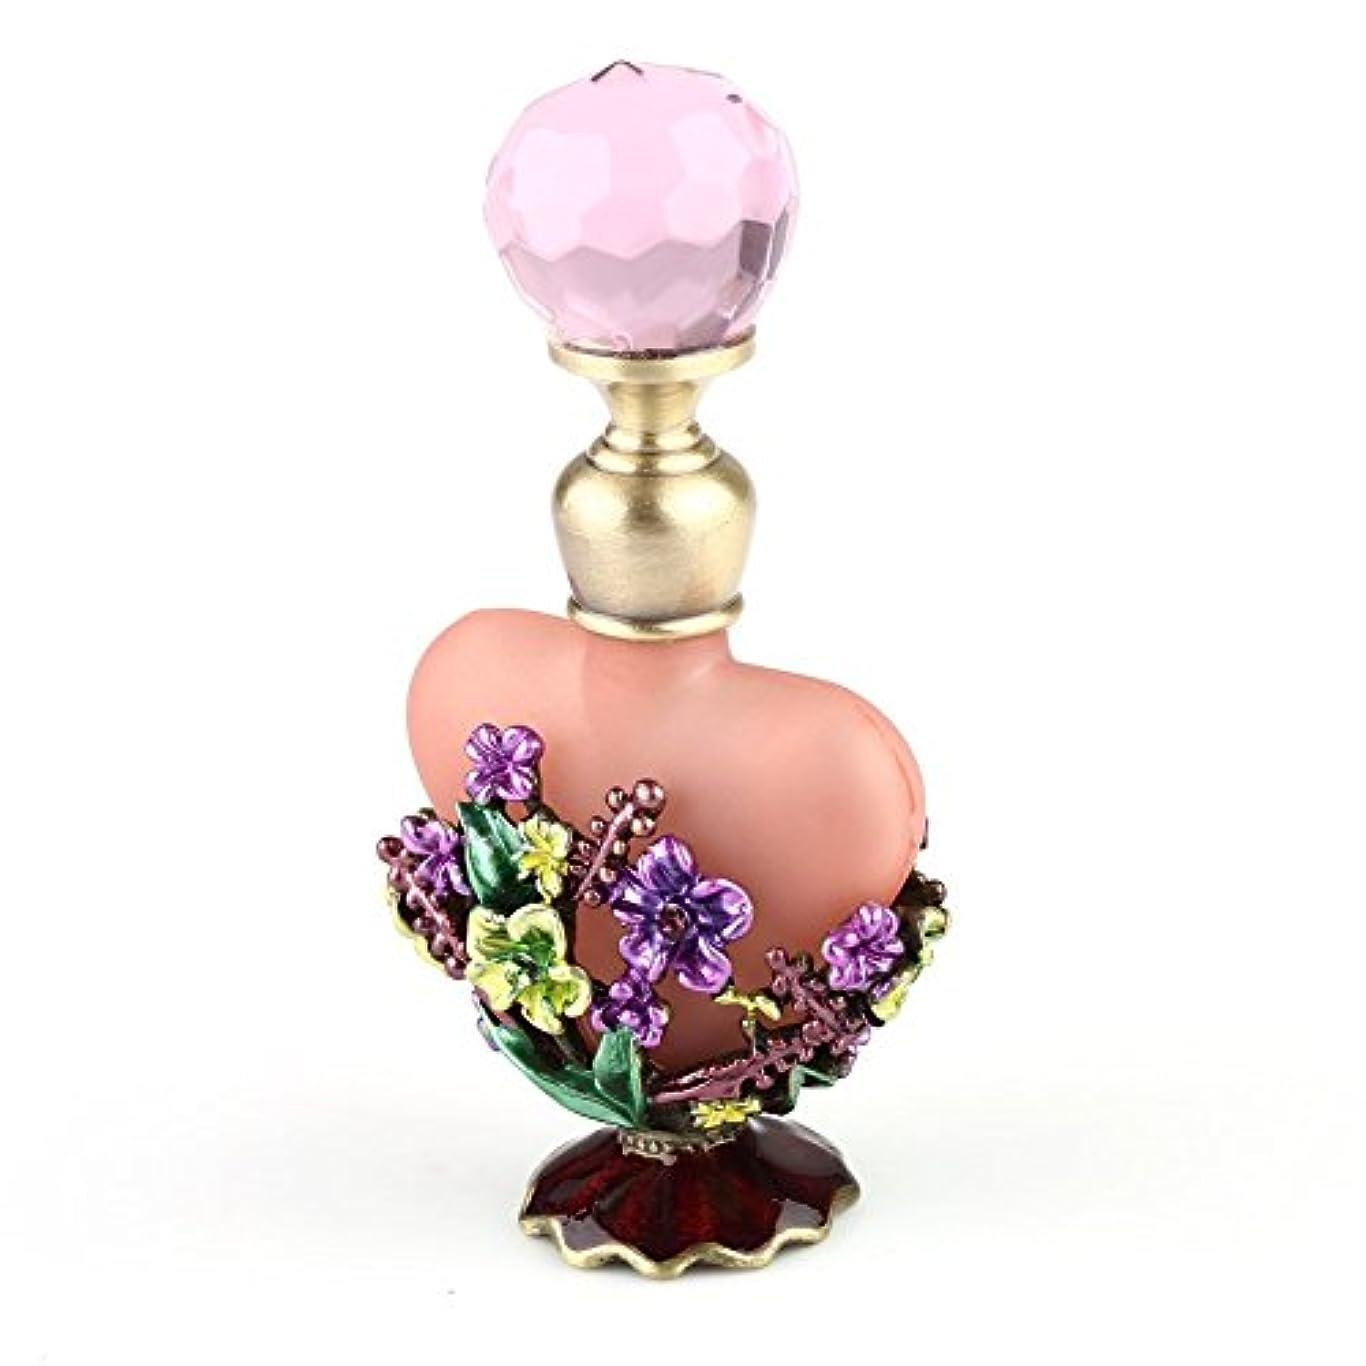 火縫う組VERY100 高品質 美しい香水瓶/アロマボトル 5ML ピンク アロマオイル用瓶 綺麗アンティーク調フラワーデザイン プレゼント 結婚式 飾り